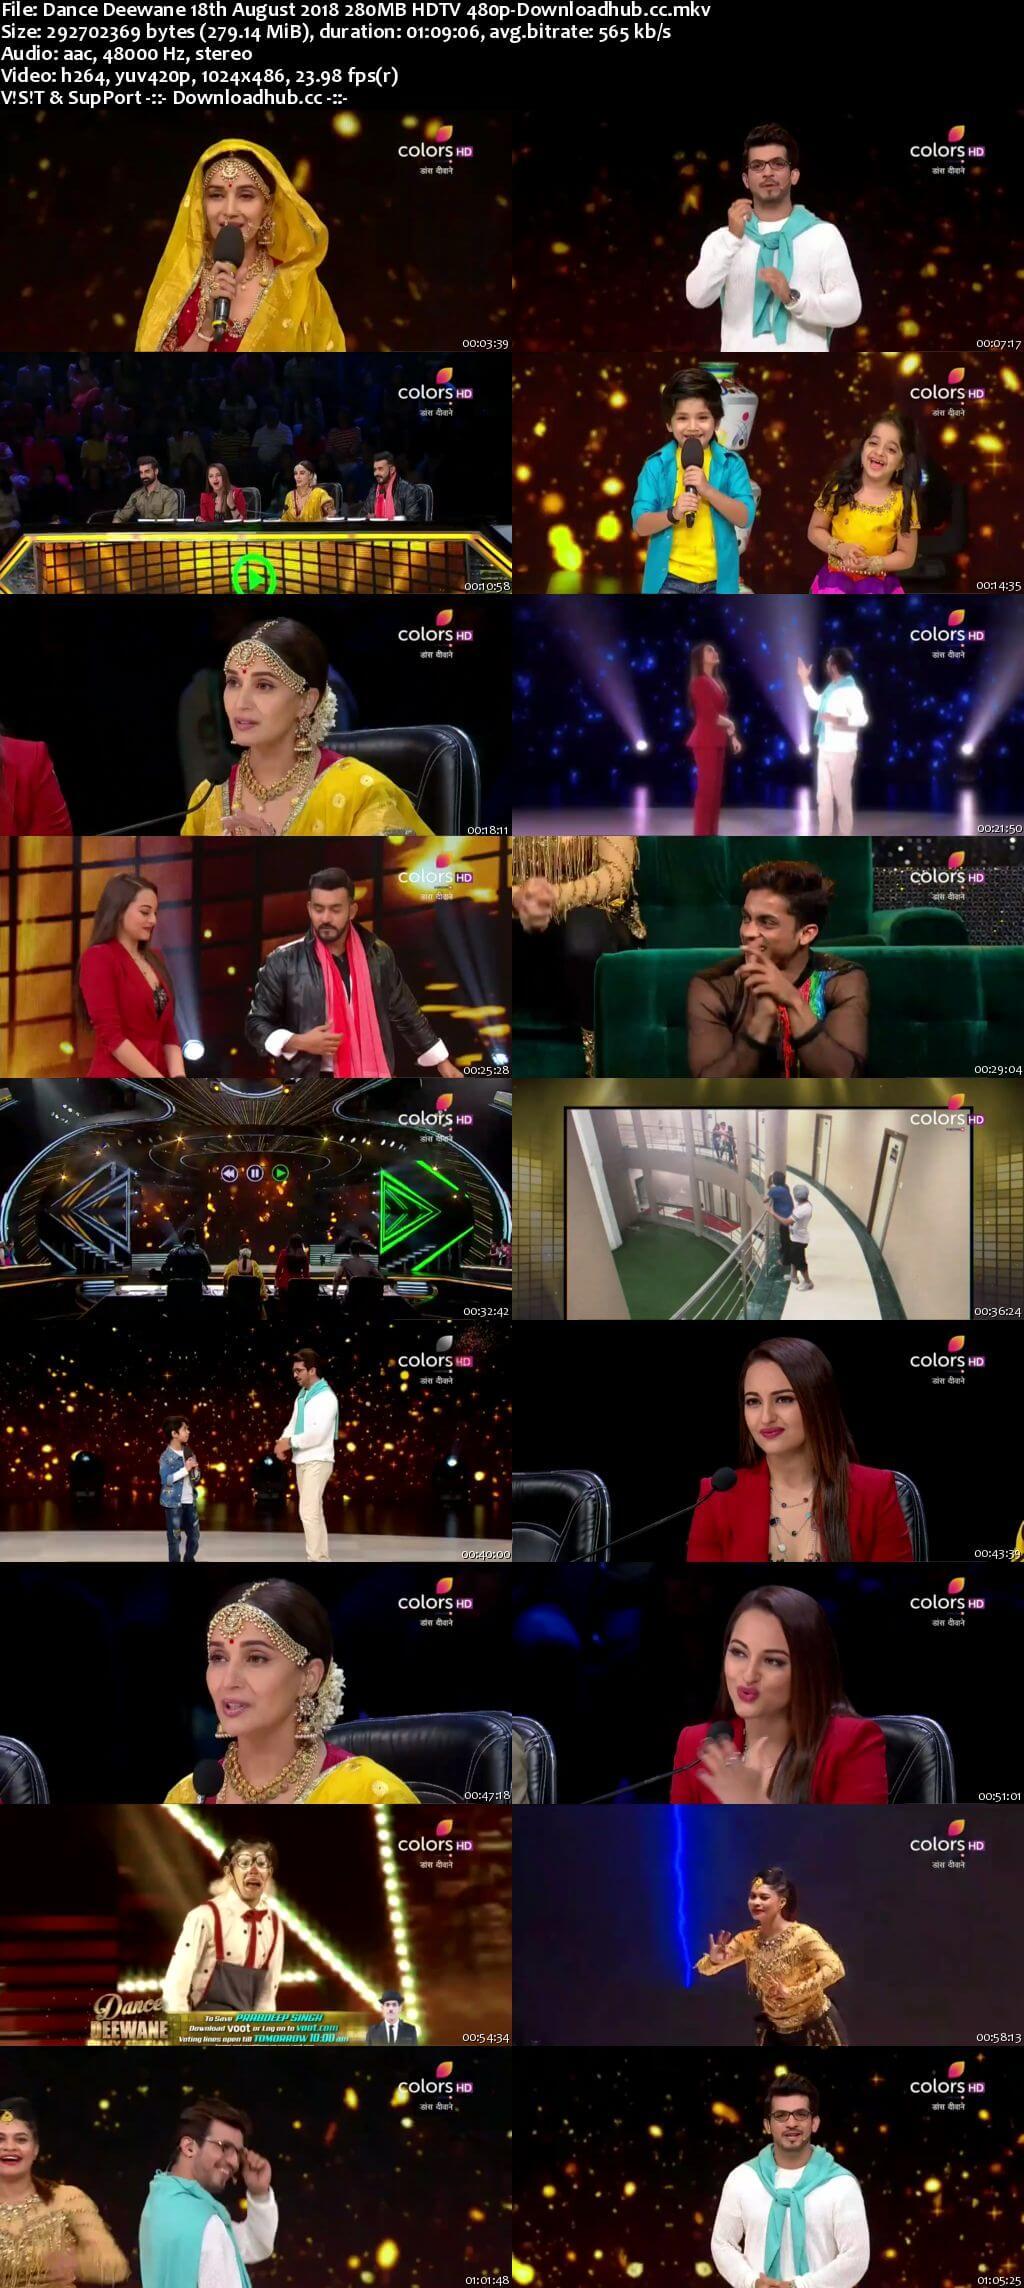 Dance Deewane 18 August 2018 Episode 22 HDTV 480p